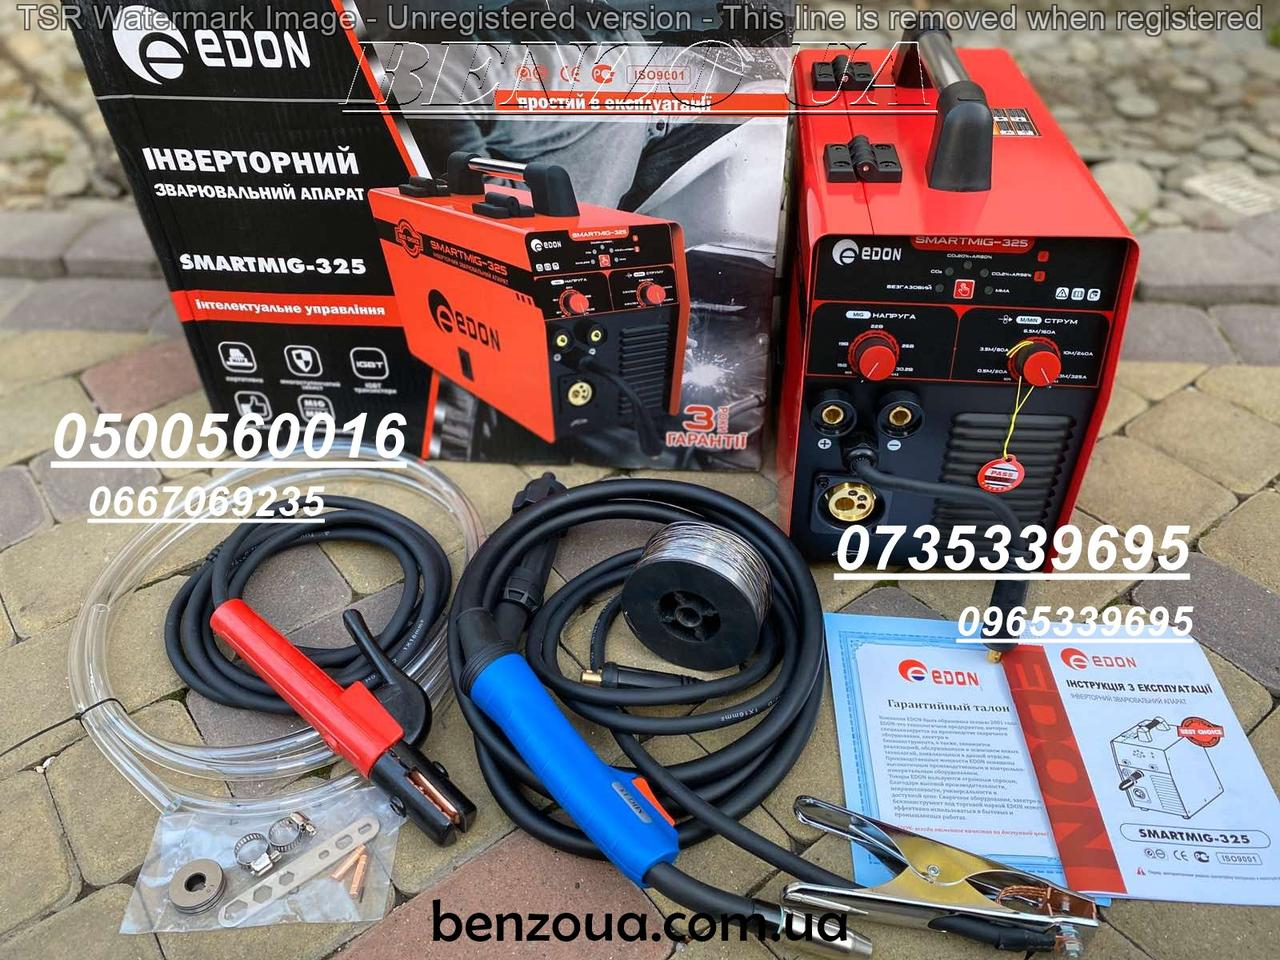 Сварочный полуавтомат Edon SMART MIG-325